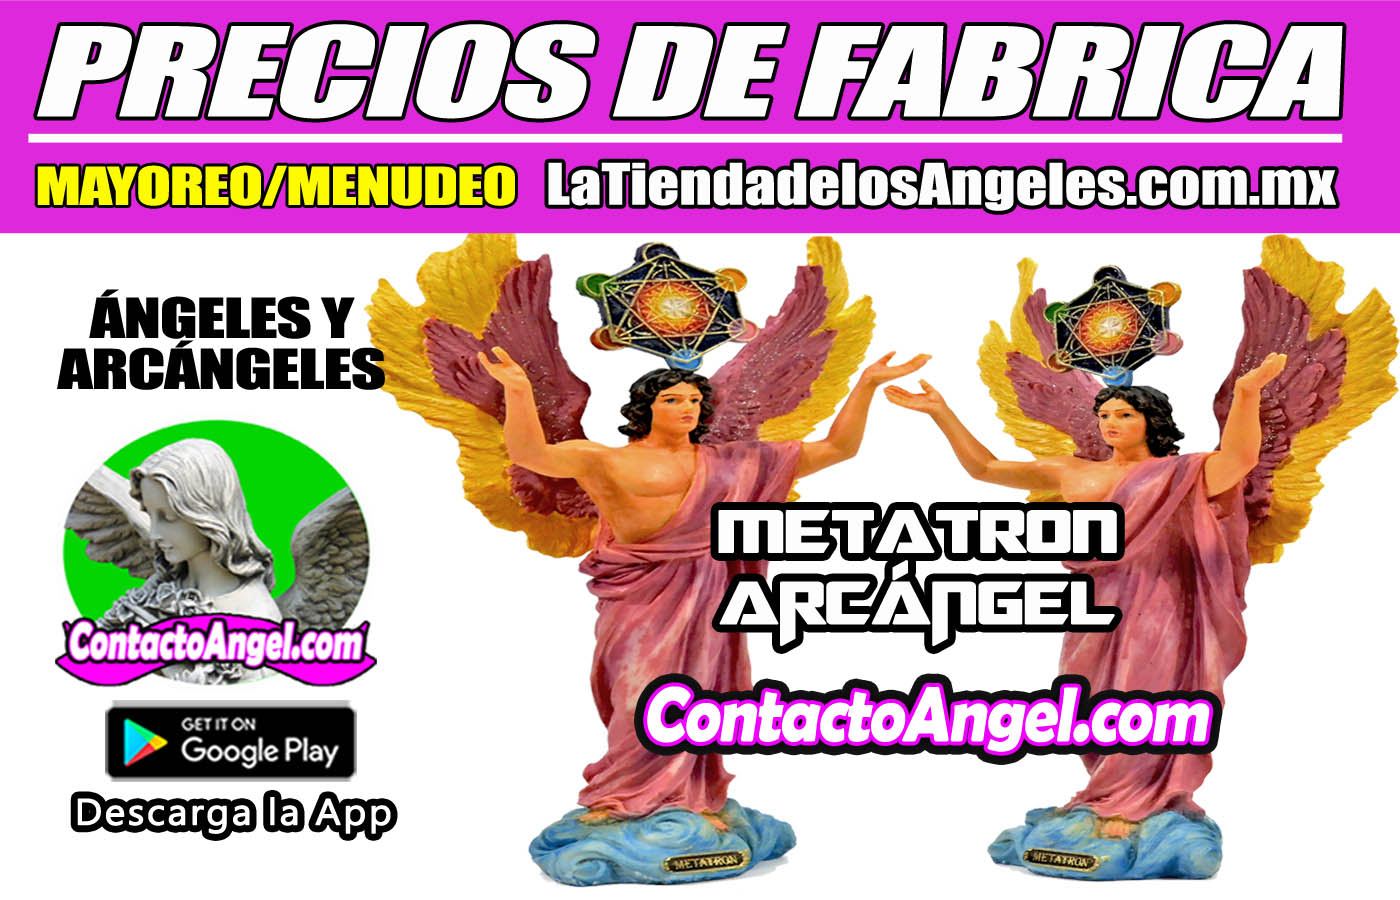 FIGURA ARCÁNGEL METATRON GEOMETRIA SAGRADA 1-F - La Tienda de los Ángeles - Mayoreo y Menudeo CDMX copy